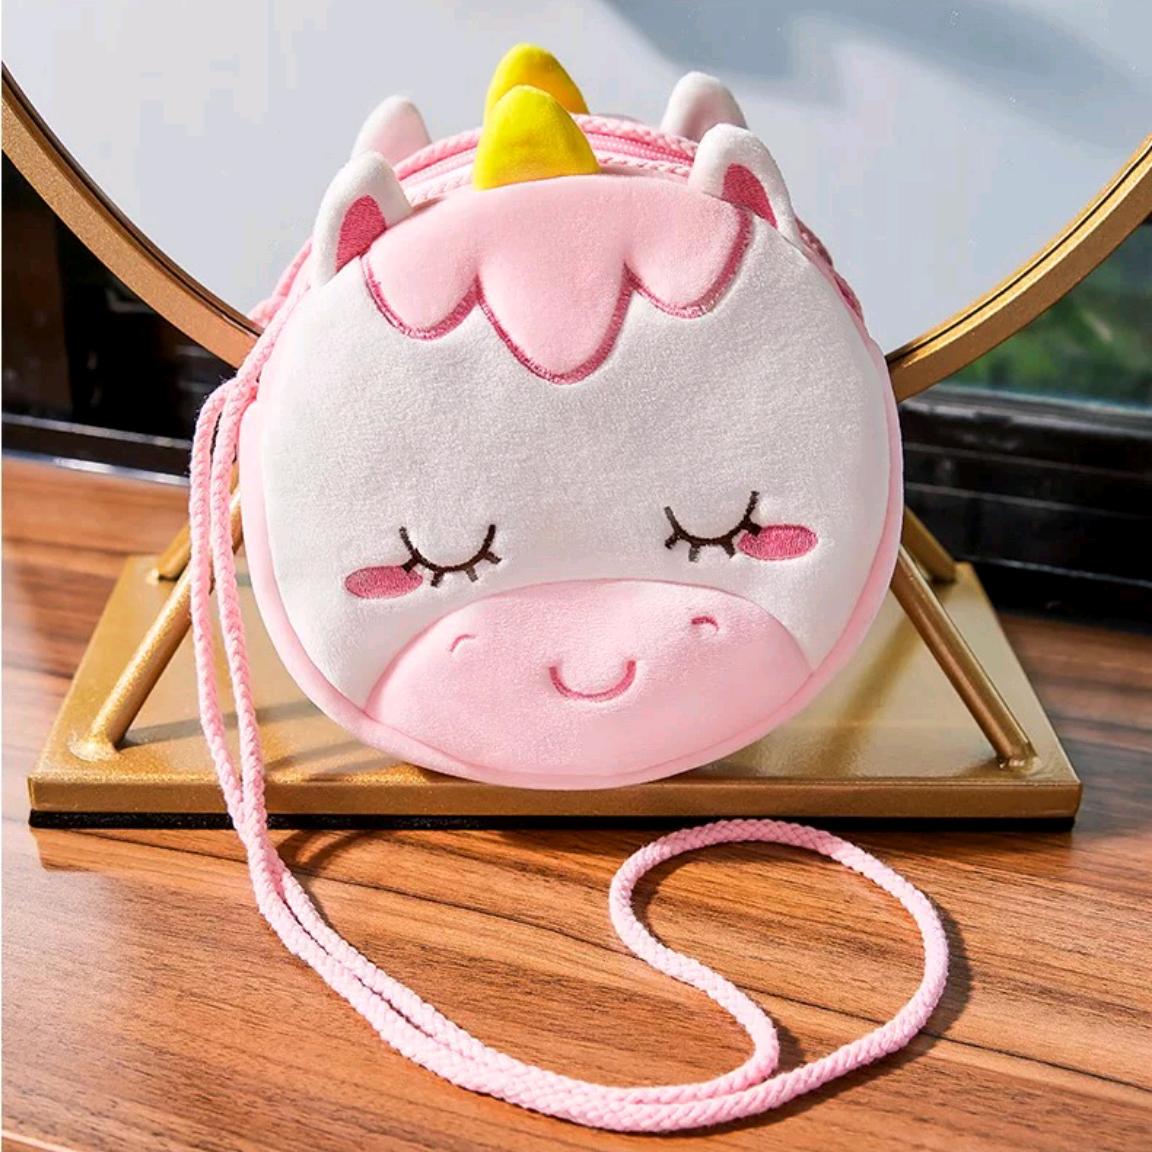 18cm棉绳独角兽挎包儿童斜挎包精品小包包爆款儿童可爱小背包